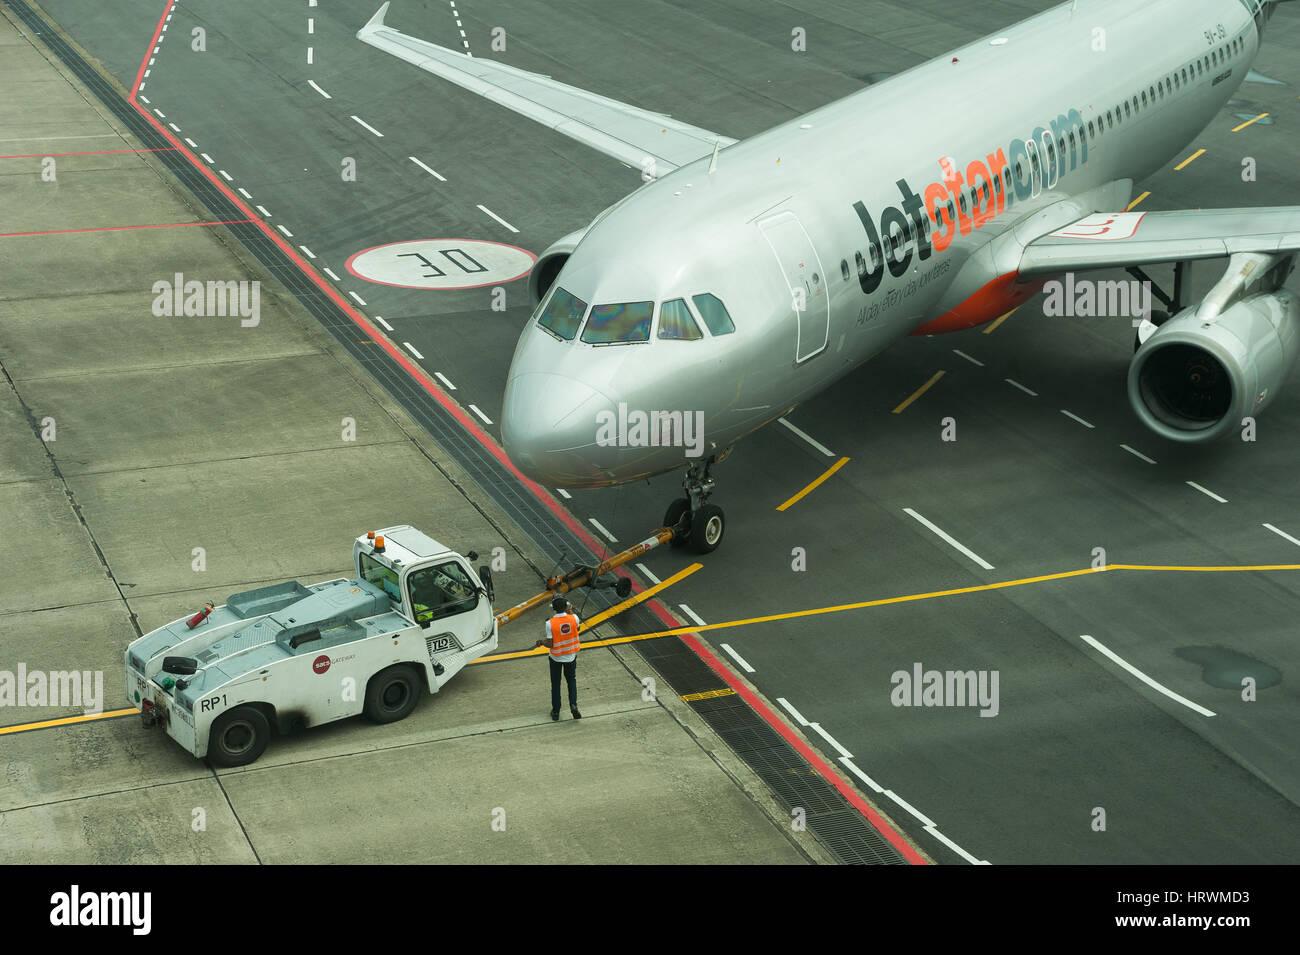 25.01.2017, Singapur, República de Singapur, Asia - un avión en la plataforma de la Terminal 1 en el Aeropuerto de Changi de Singapur. Foto de stock